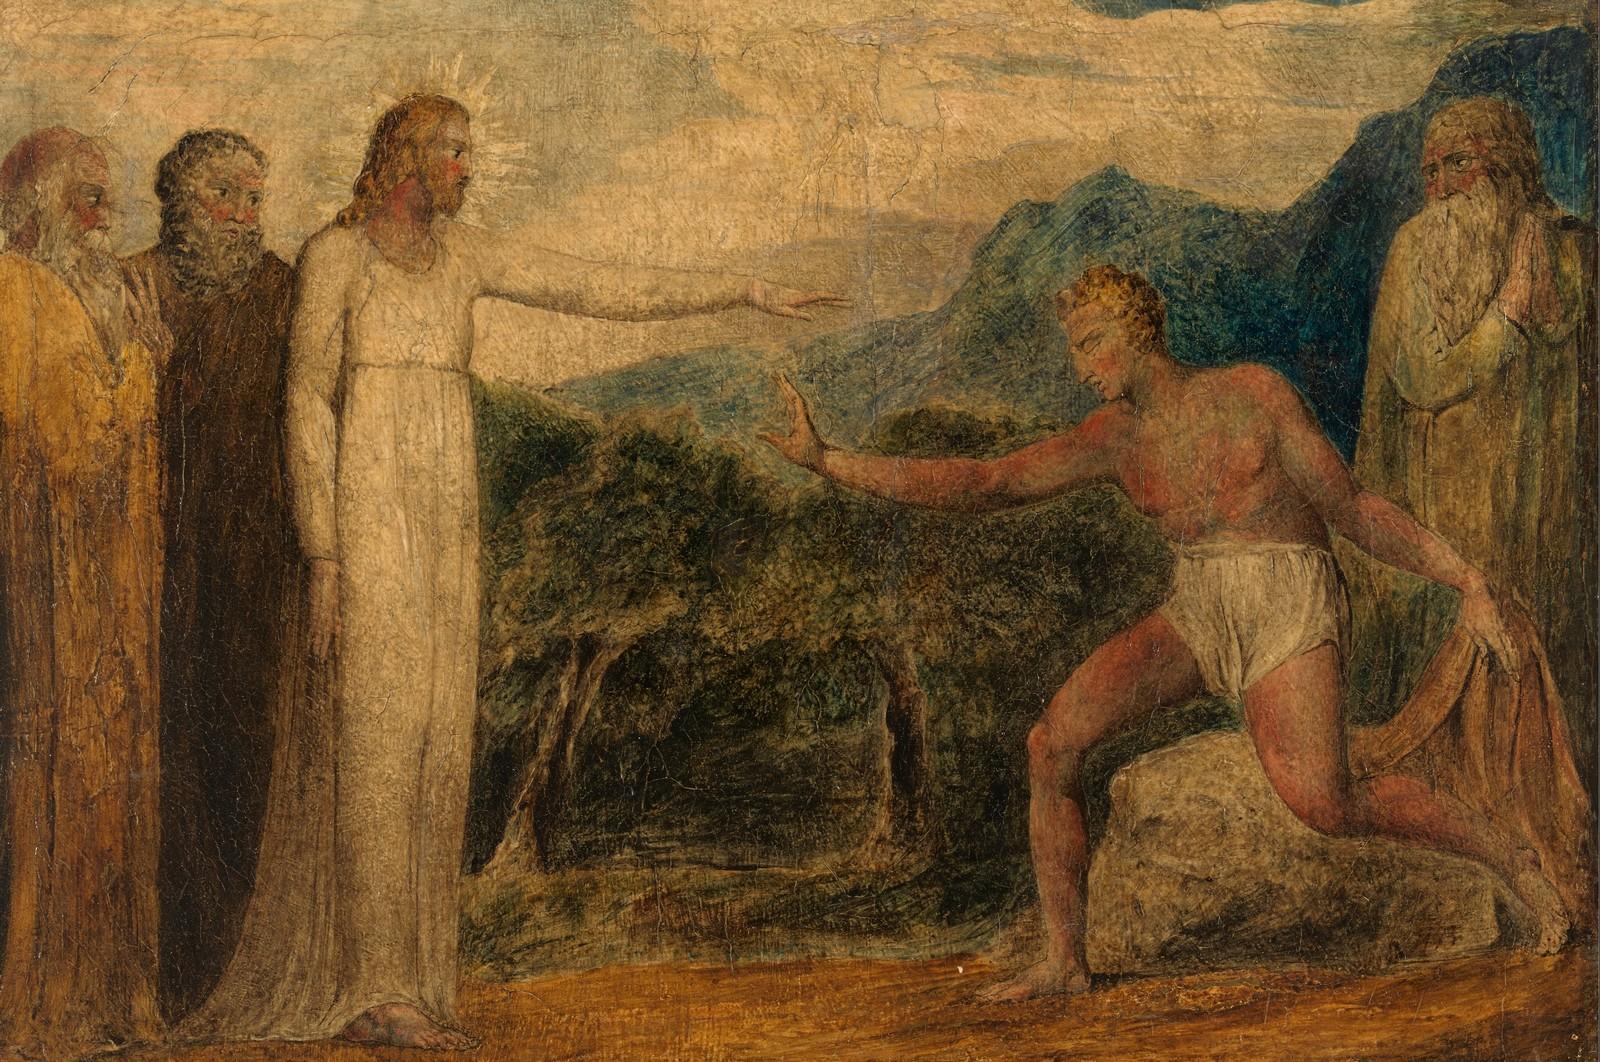 Milagros que Lograron los Santos por Confiar Sin Dudar en Dios